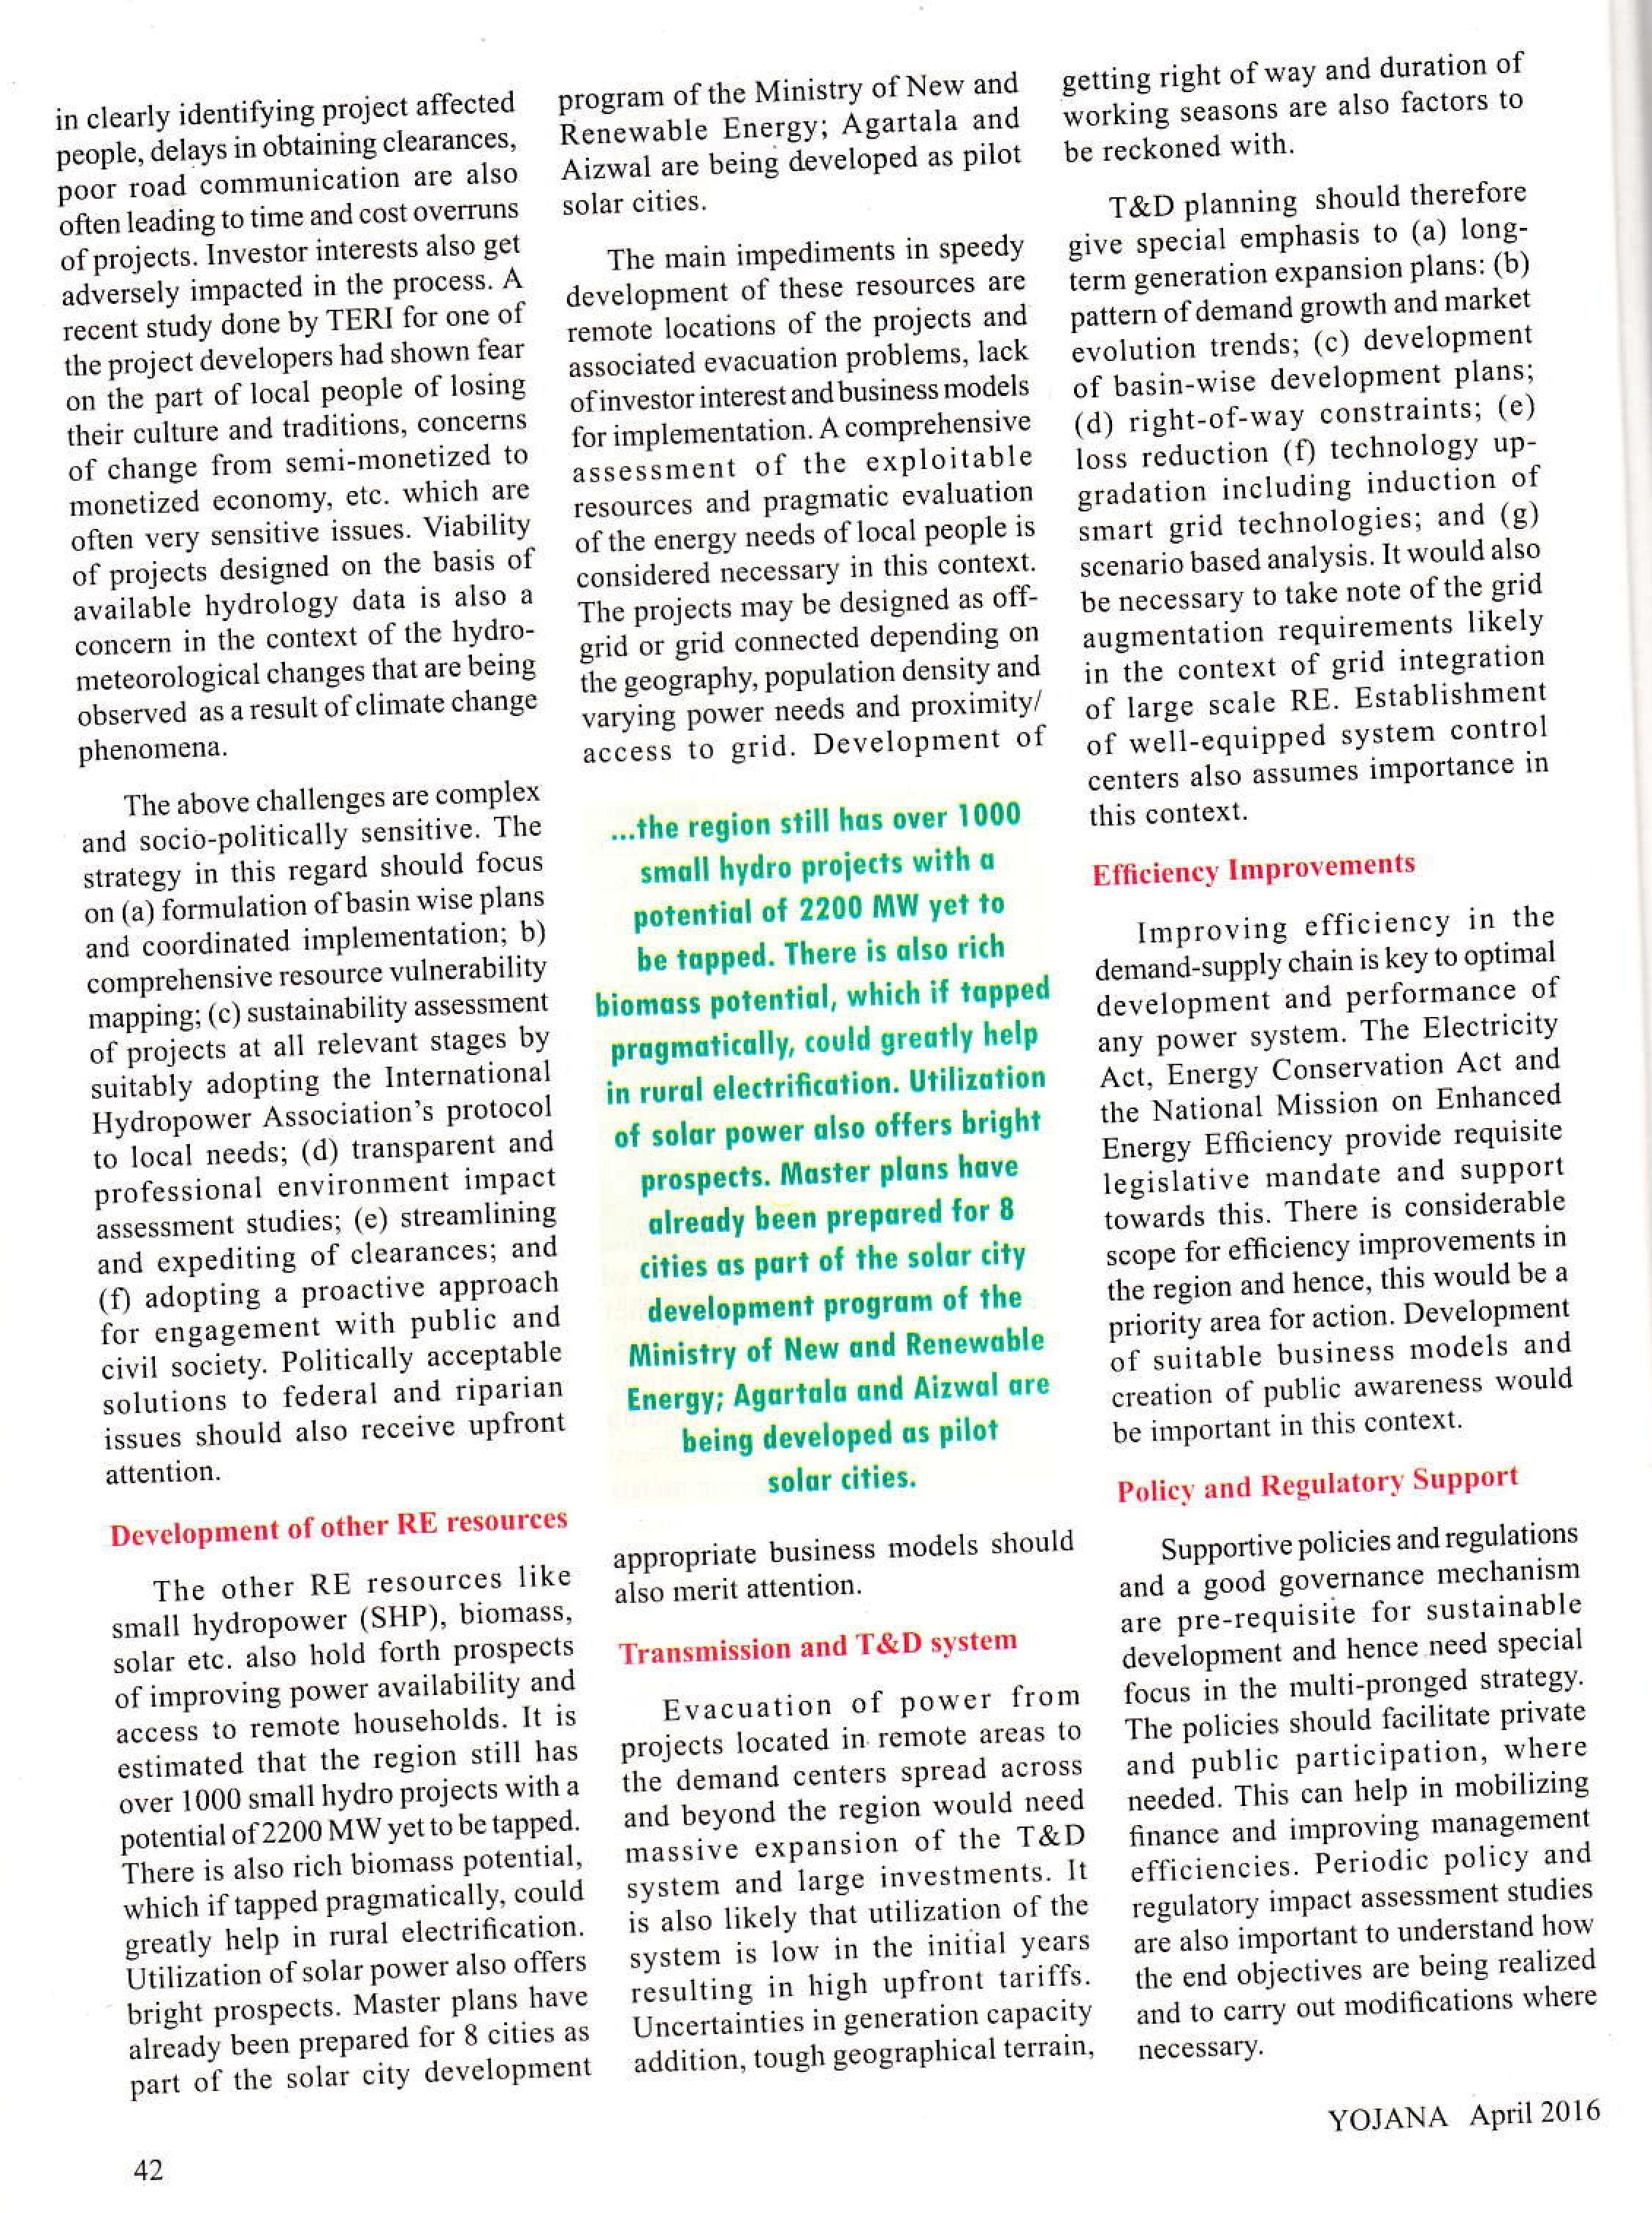 yojana english-page-002